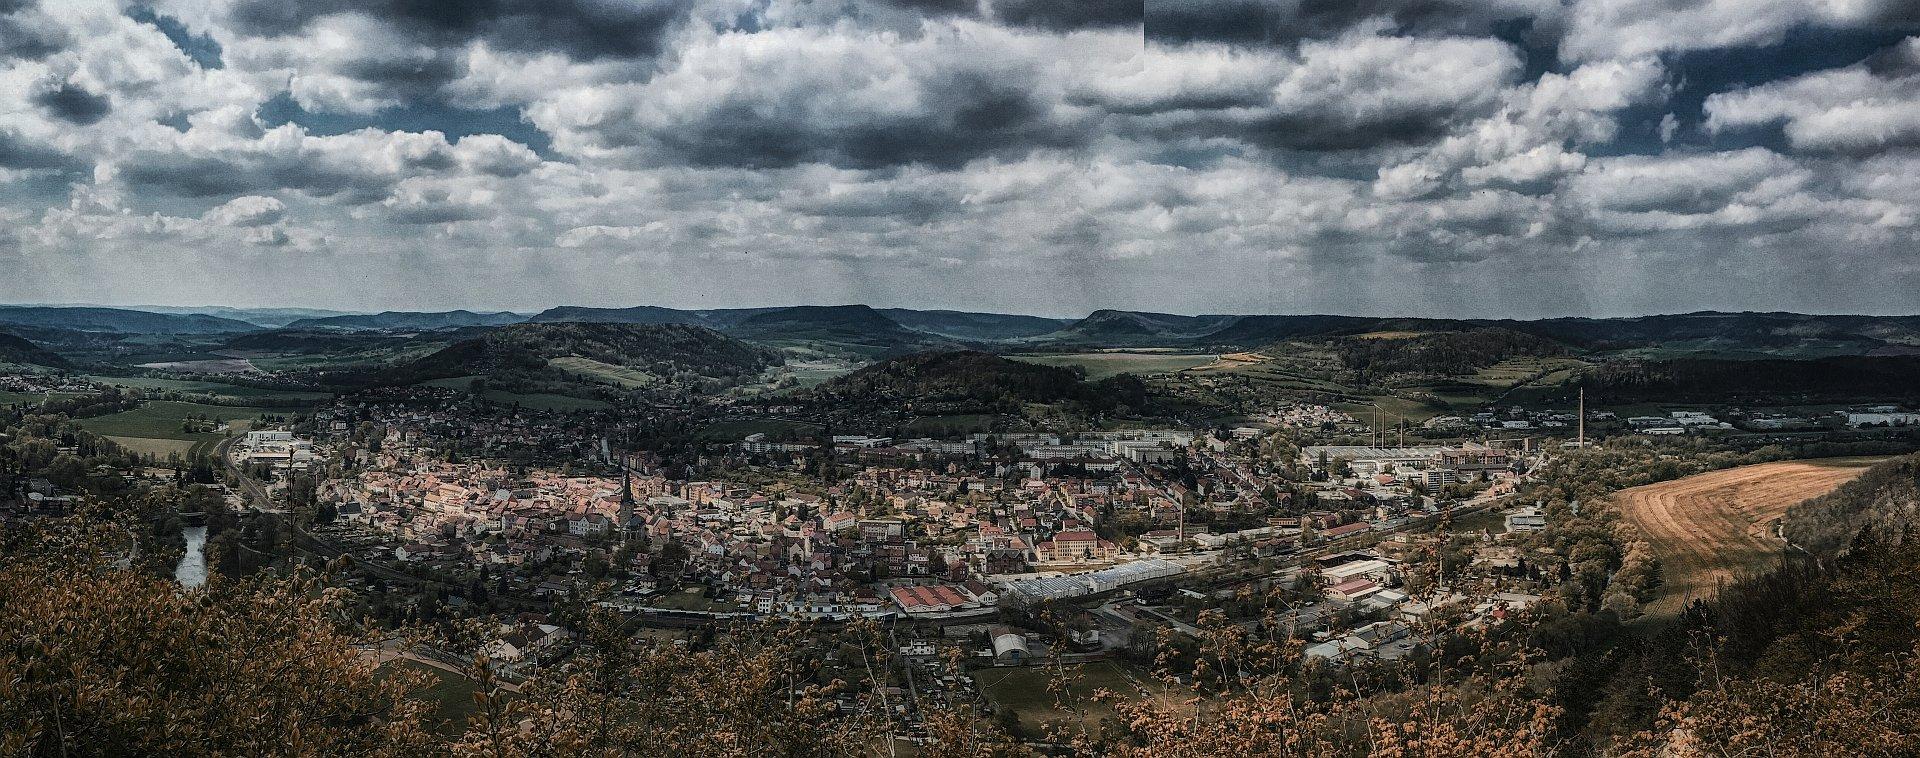 Dohlenstein, Leuchtenburg, Kahla